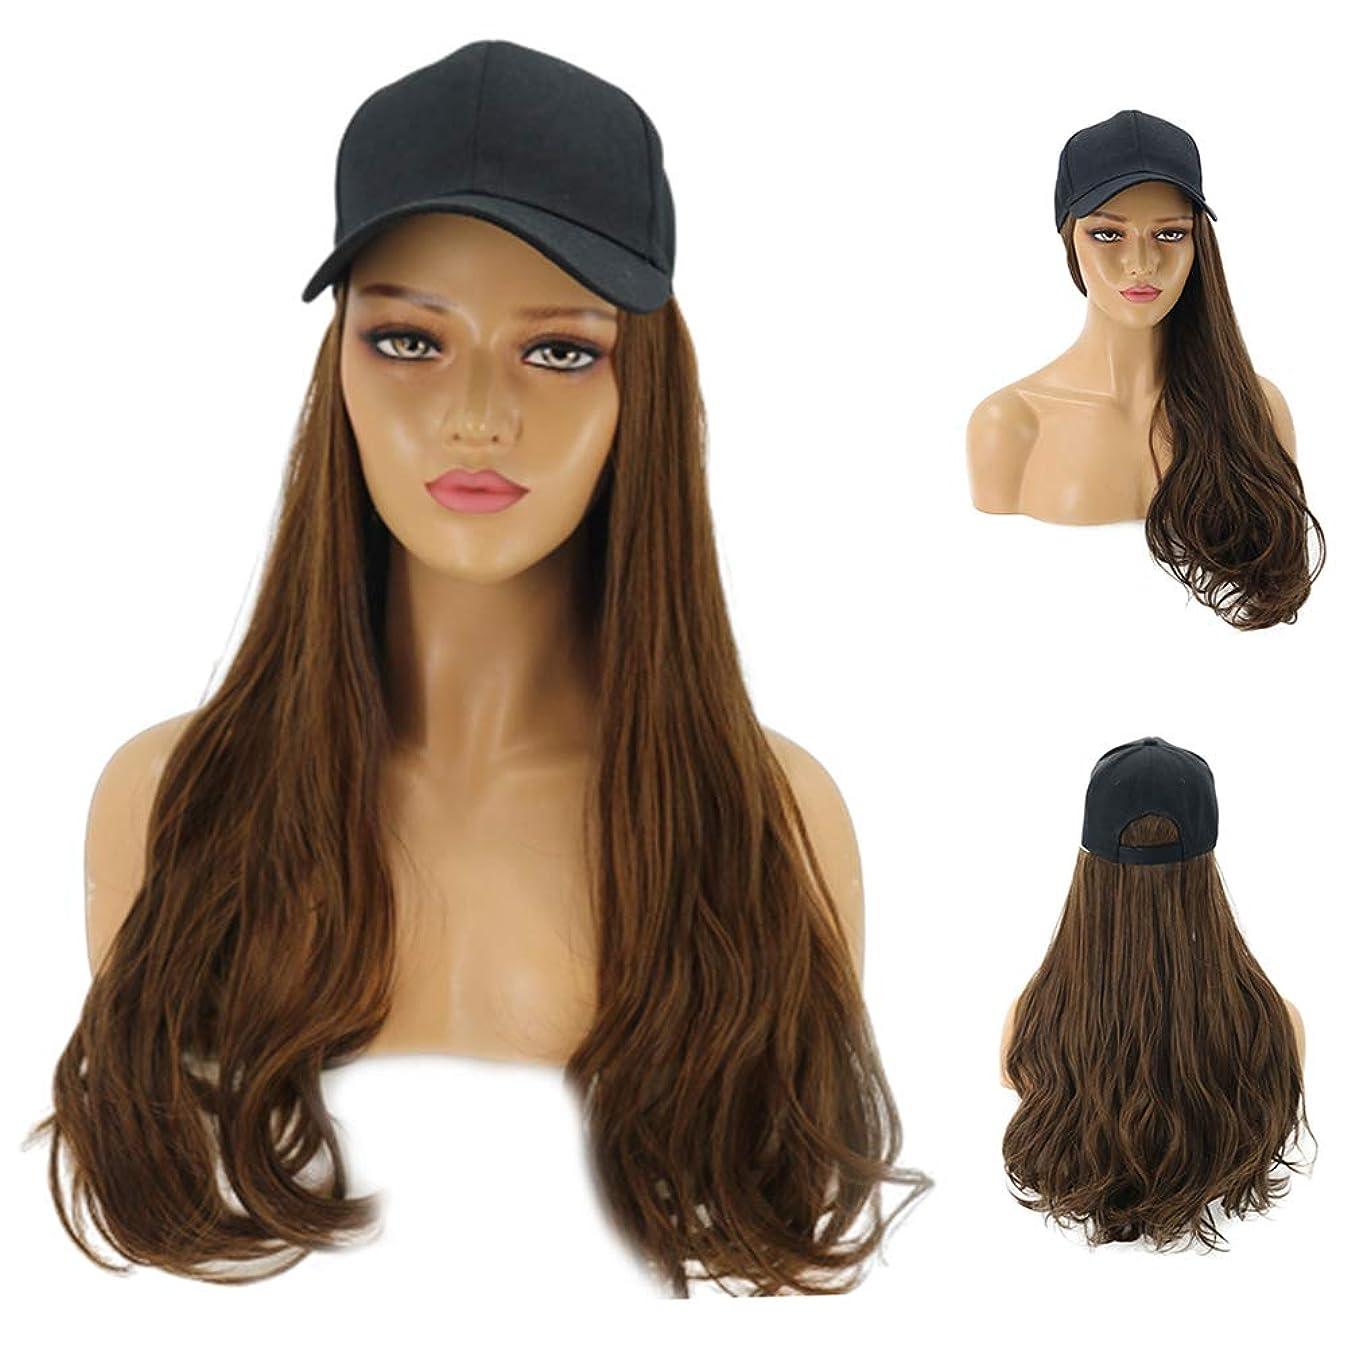 アイデアチョークバケツ女性のファッショナブルな野球帽、長いウェーブのかかった髪の拡張機能、毎日のパーティー用の黒い帽子が付いた自然な人工毛